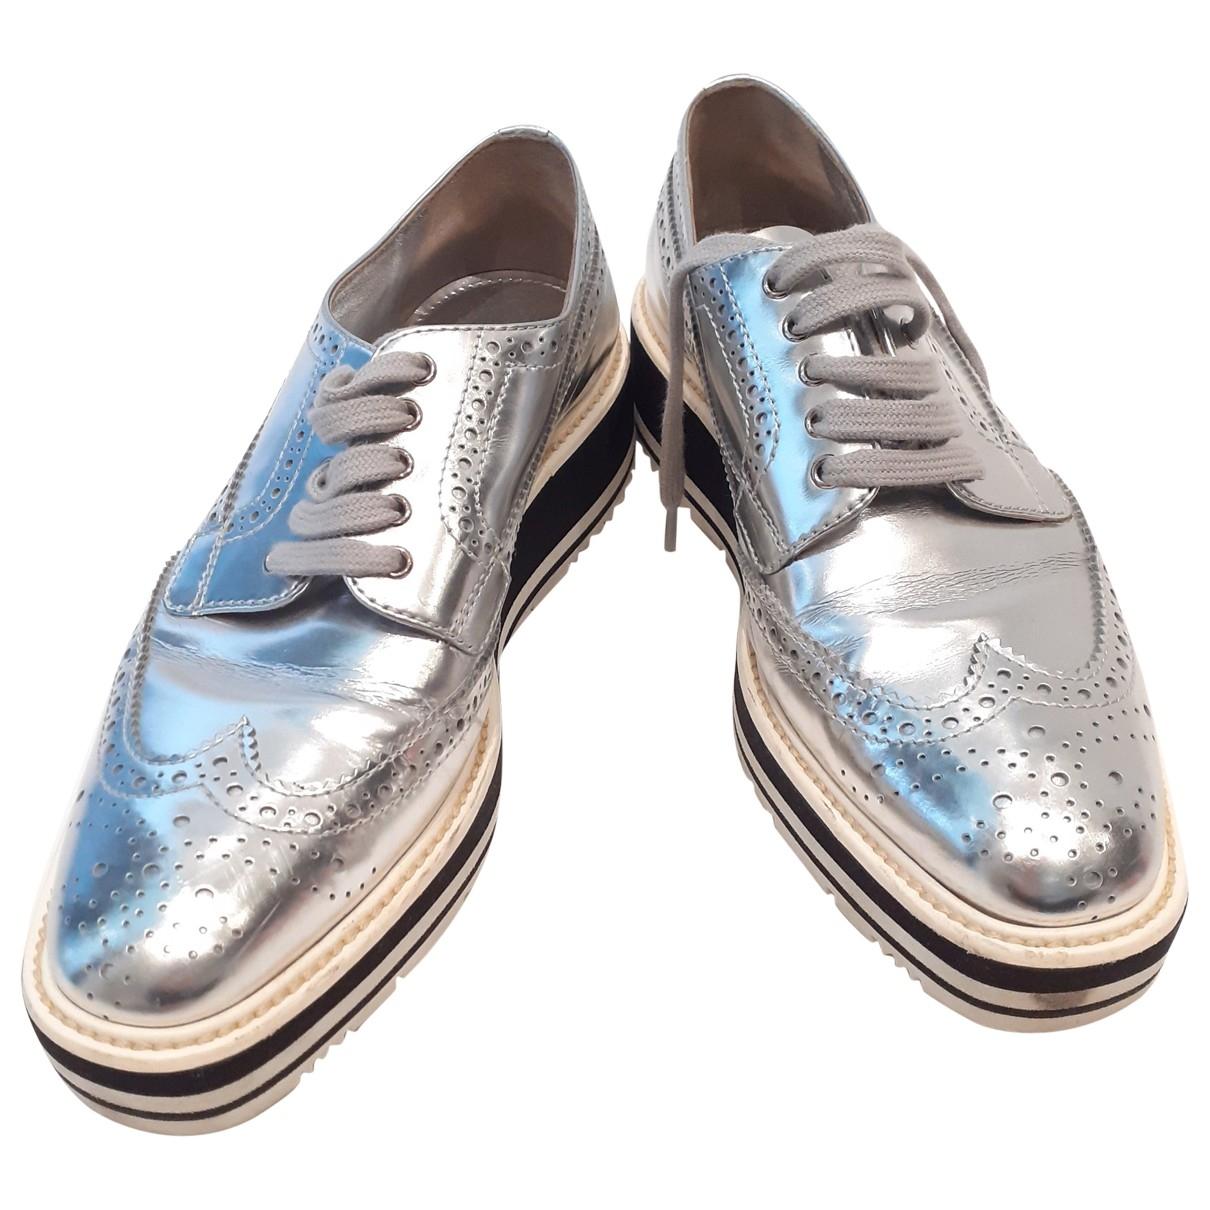 Prada \N Schnuerschuhe in  Silber Lackleder